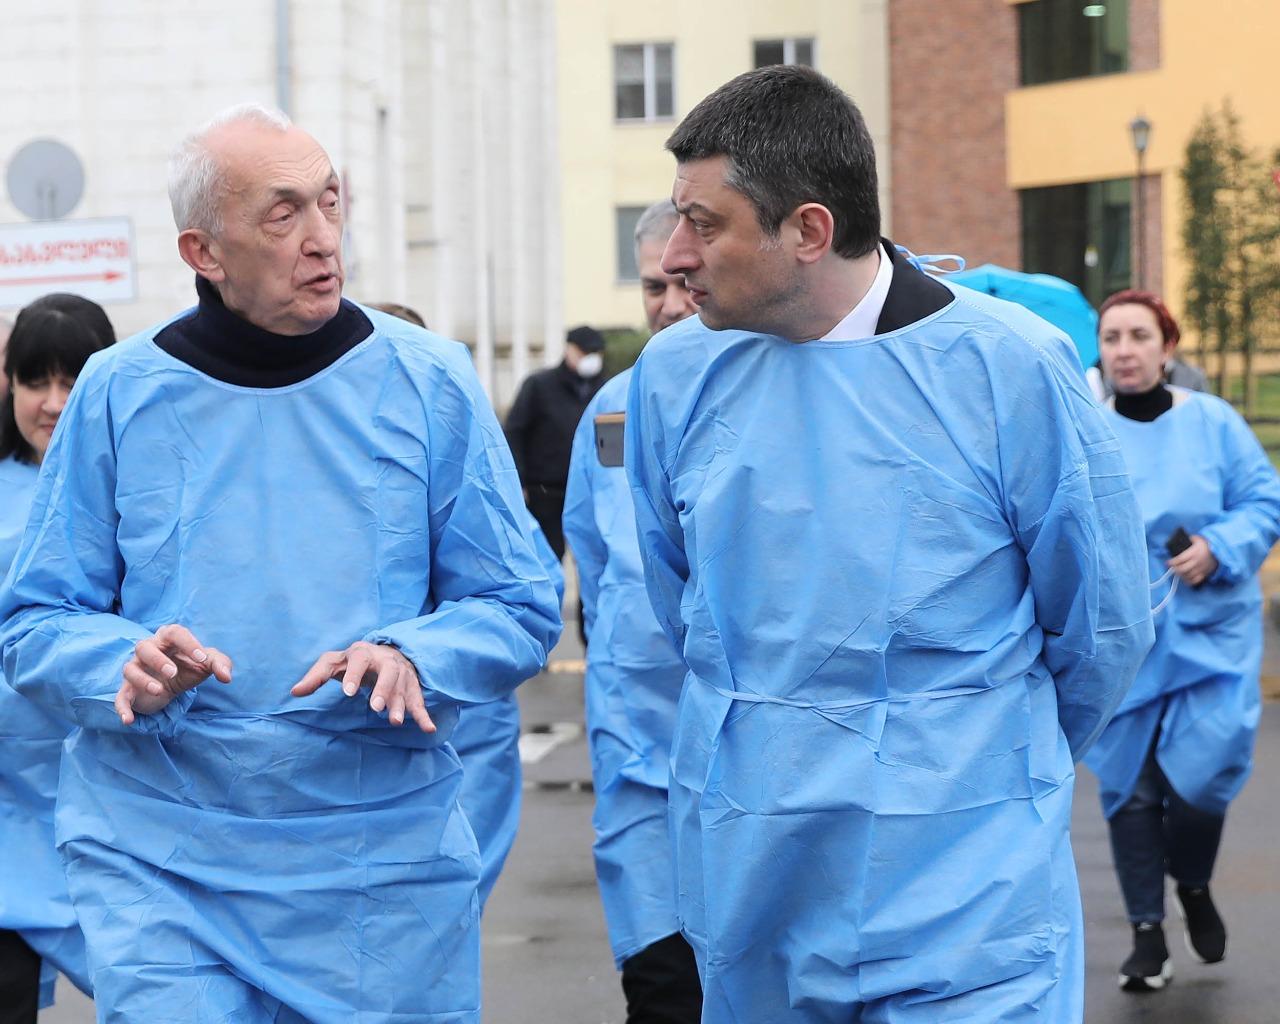 თენგიზ ცერცვაძე - პრემიერ-მინისტრი გამოდგა შესანიშნავი კრიზის მენეჯერი